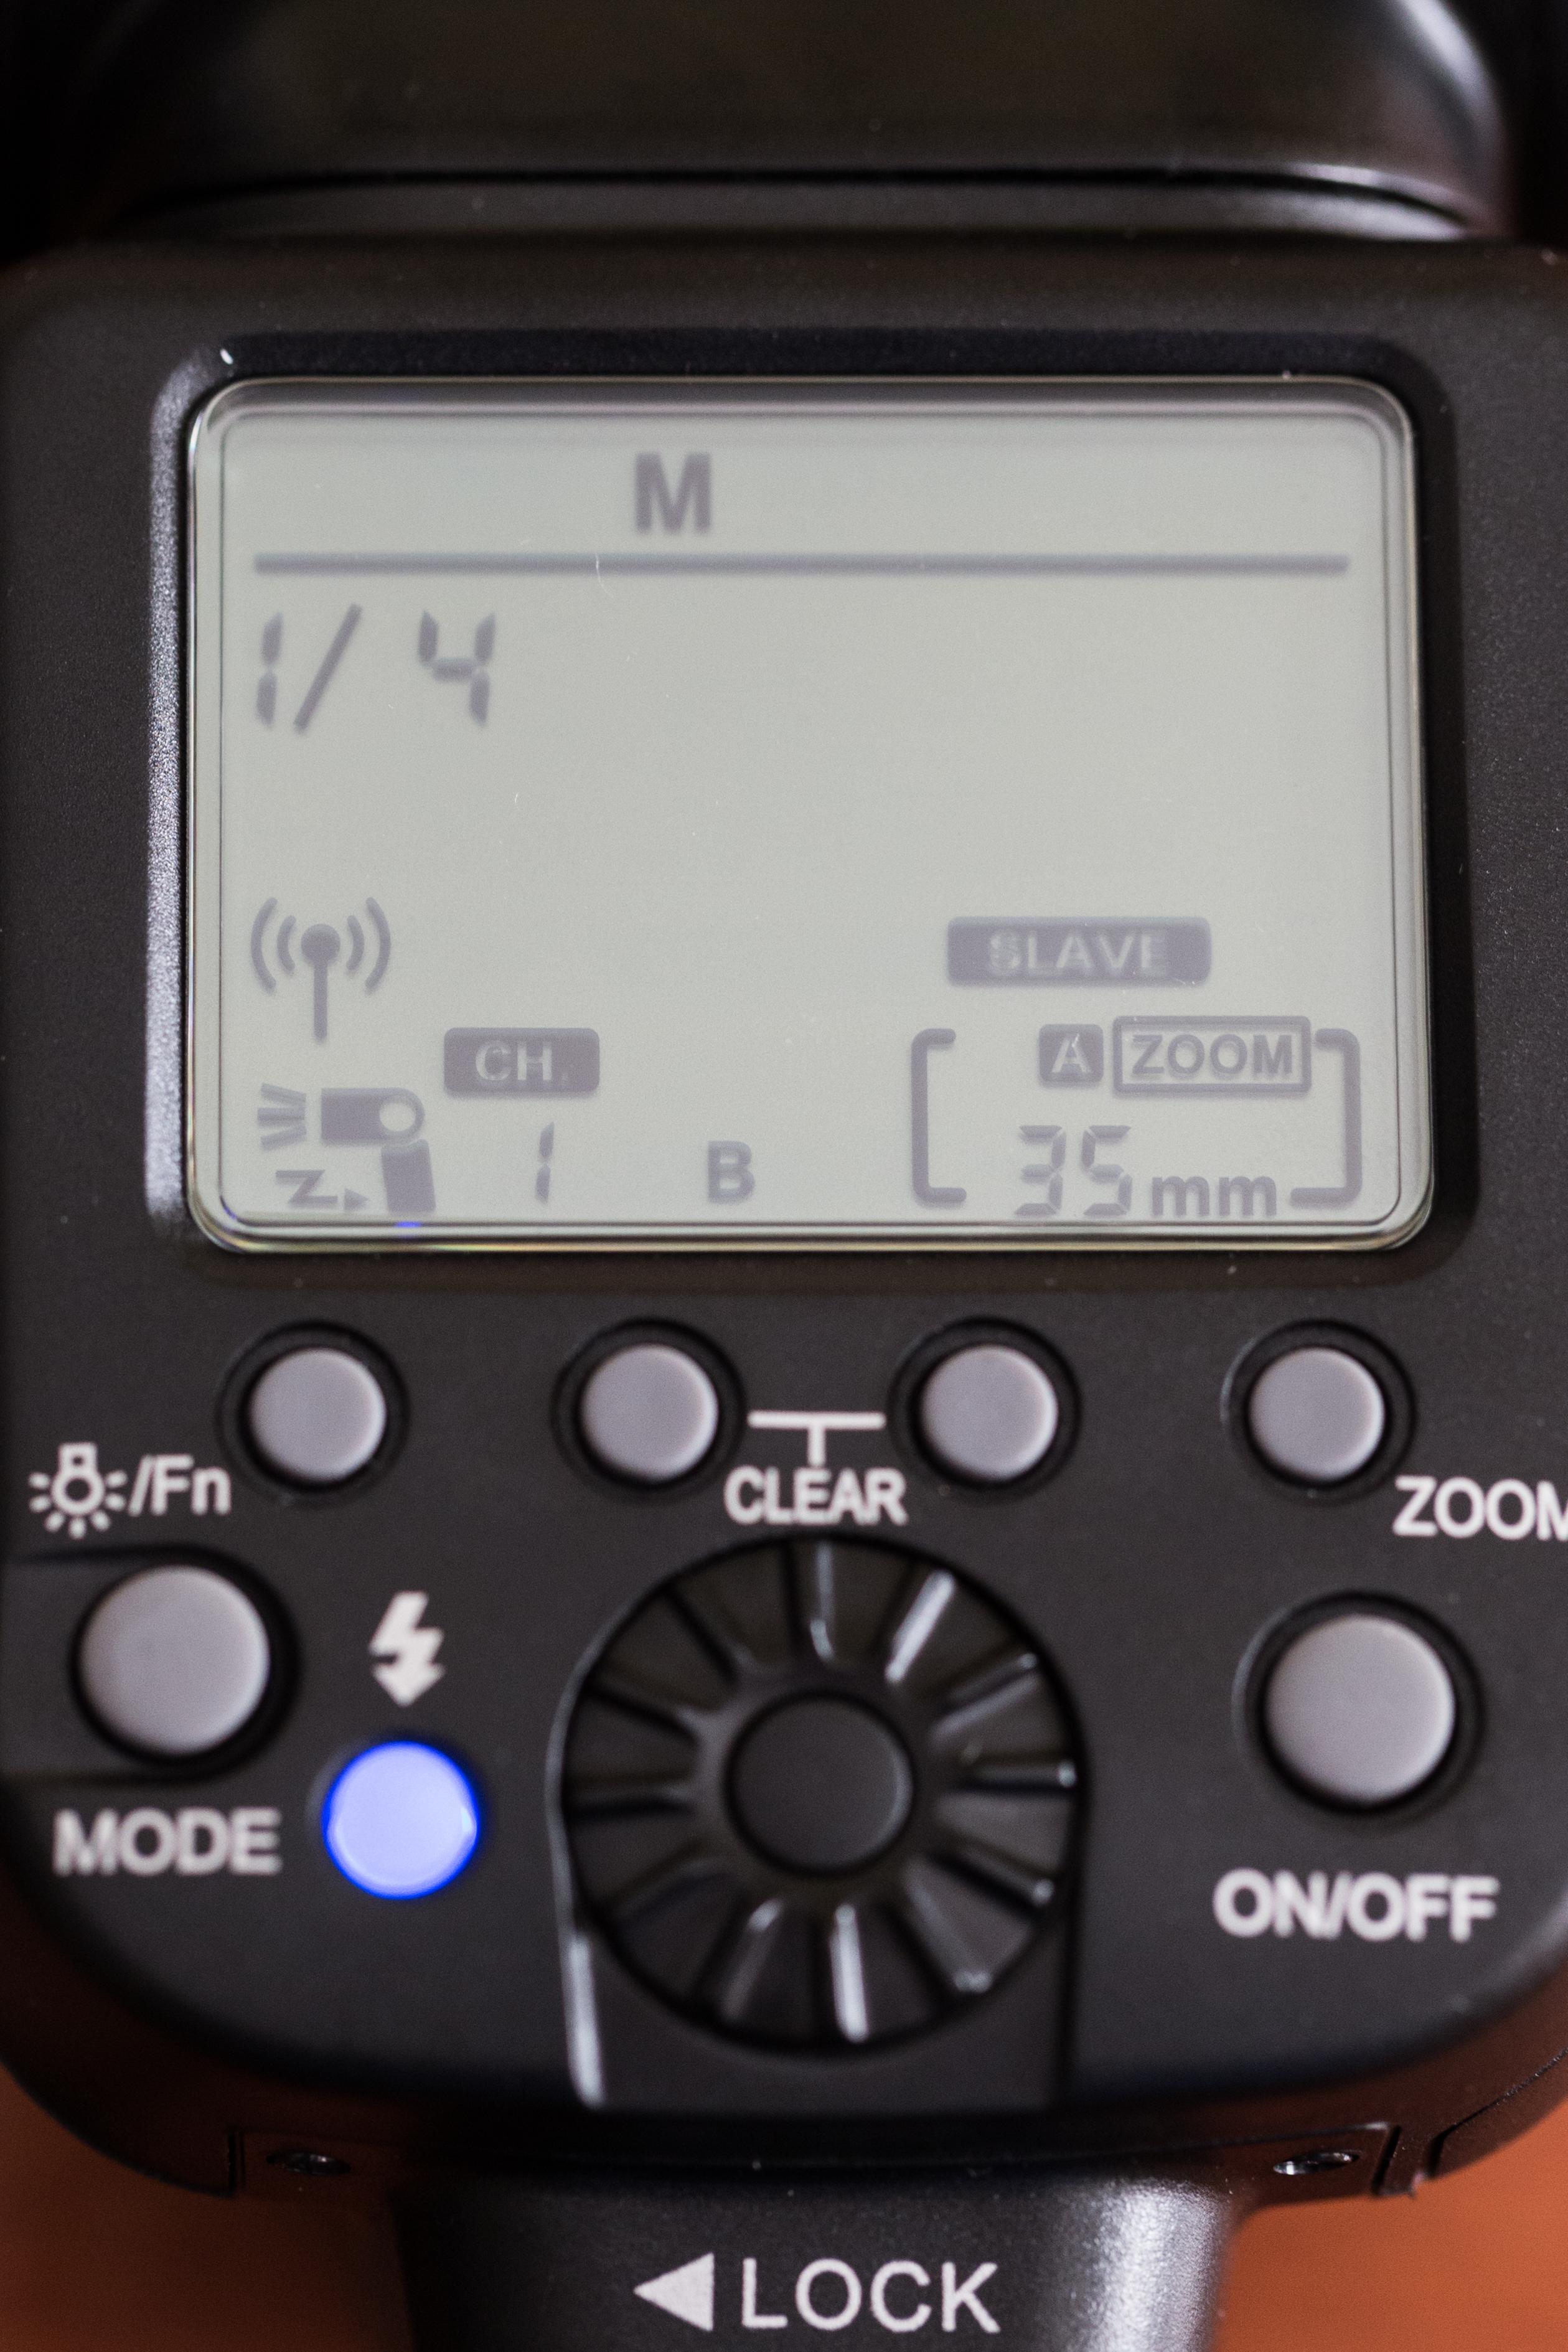 Configuración en Esclavo por Radio Frecuencia en el canal 1 y Grupo B programado a ¼ de Potencia